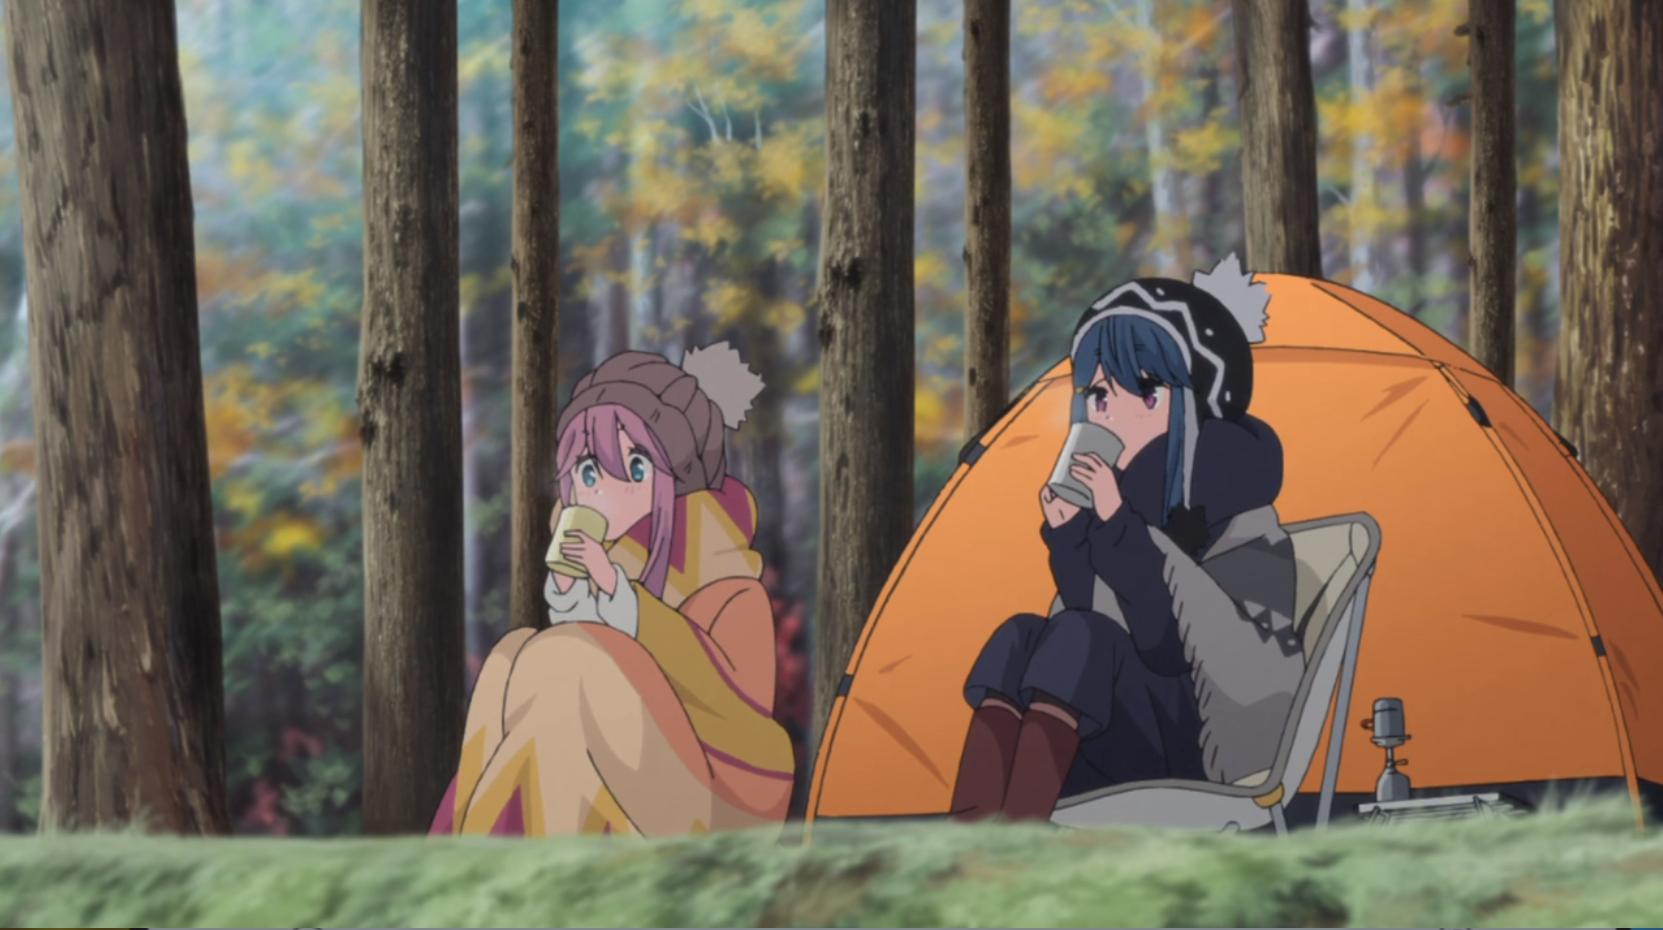 アニメ『ゆるキャン△』7話 のココアを飲むシーン